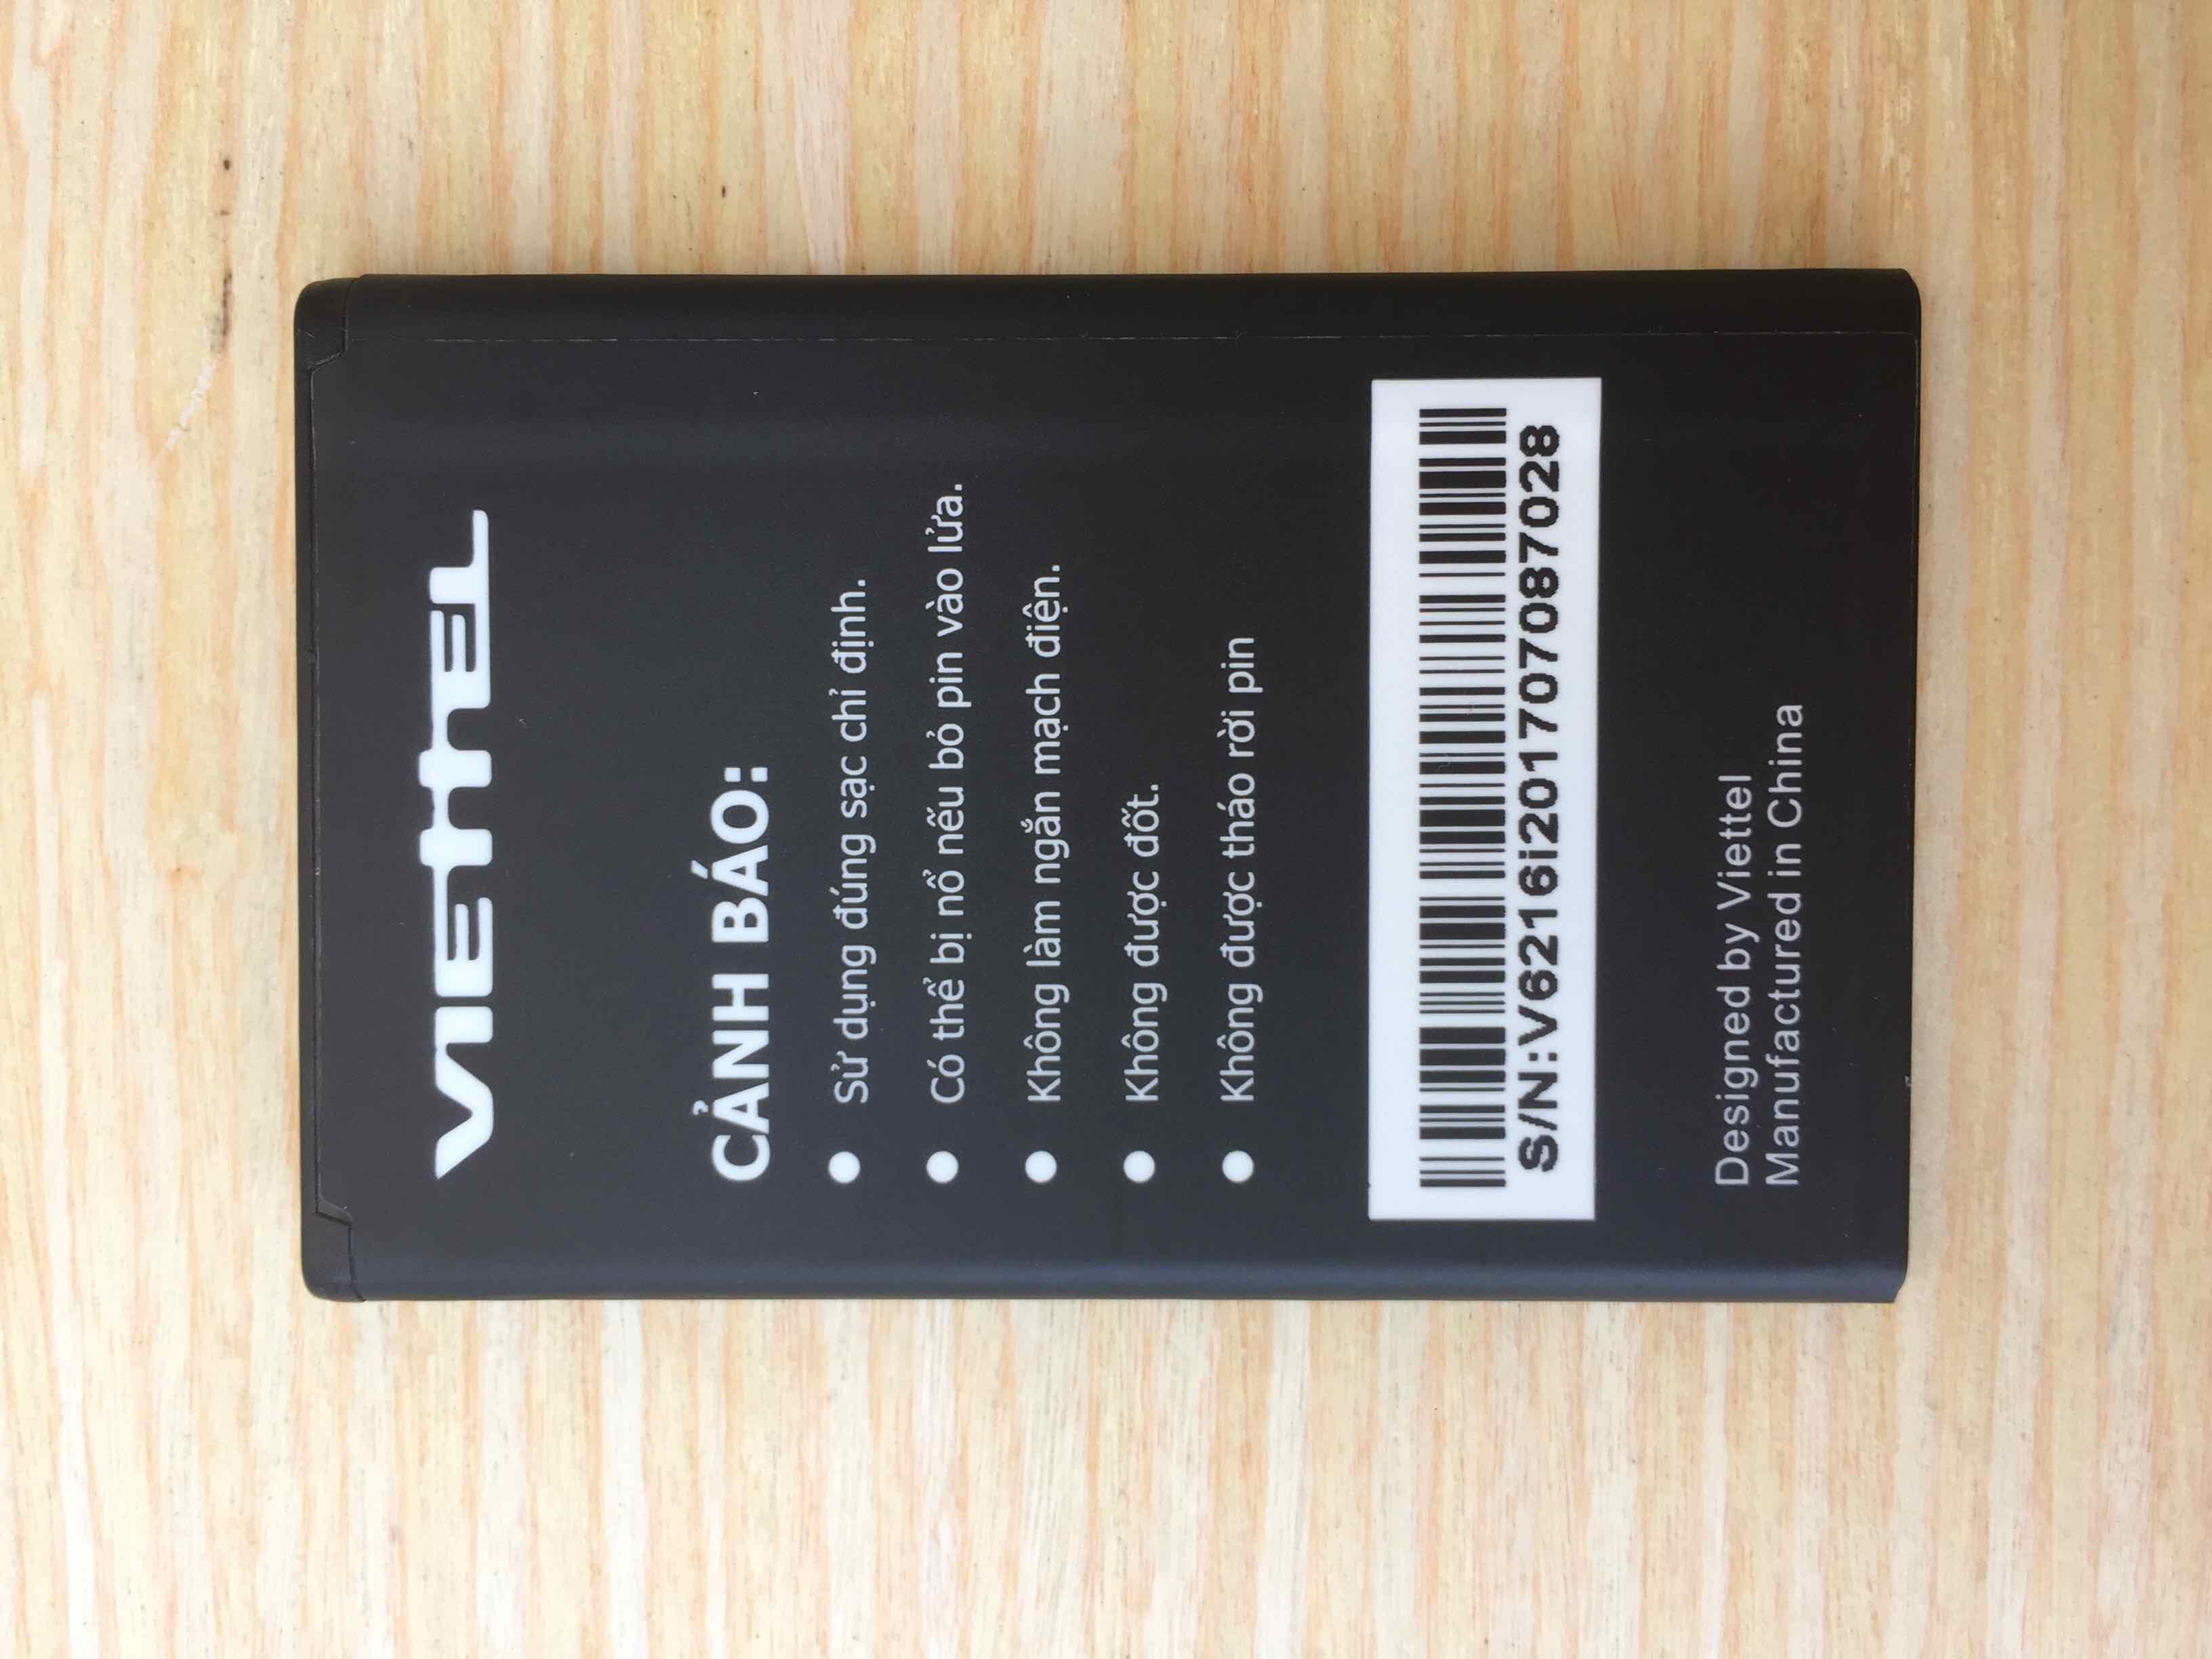 ĐÁNH GIÁ] Pin điện thoại người già Viettel V6216i chính hãng 1000 mAh, Giá  rẻ 120,000đ! Xem đánh giá! - Cửa Hàng Giá Rẻ